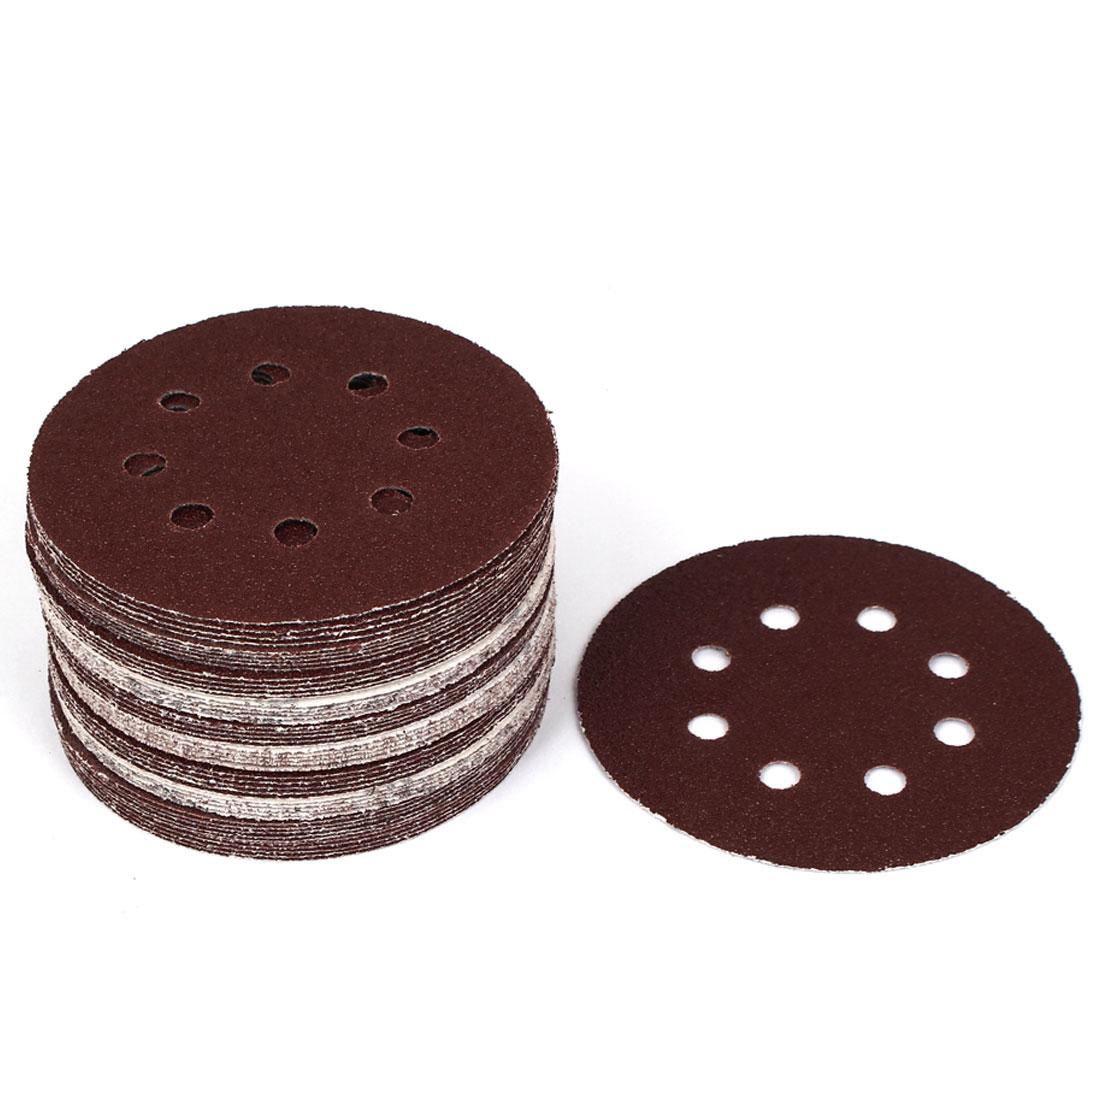 125mm Dia 40 Grit 8 Holes Hook and Loop Sanding Paper Discs Dark Brown 50 Pcs